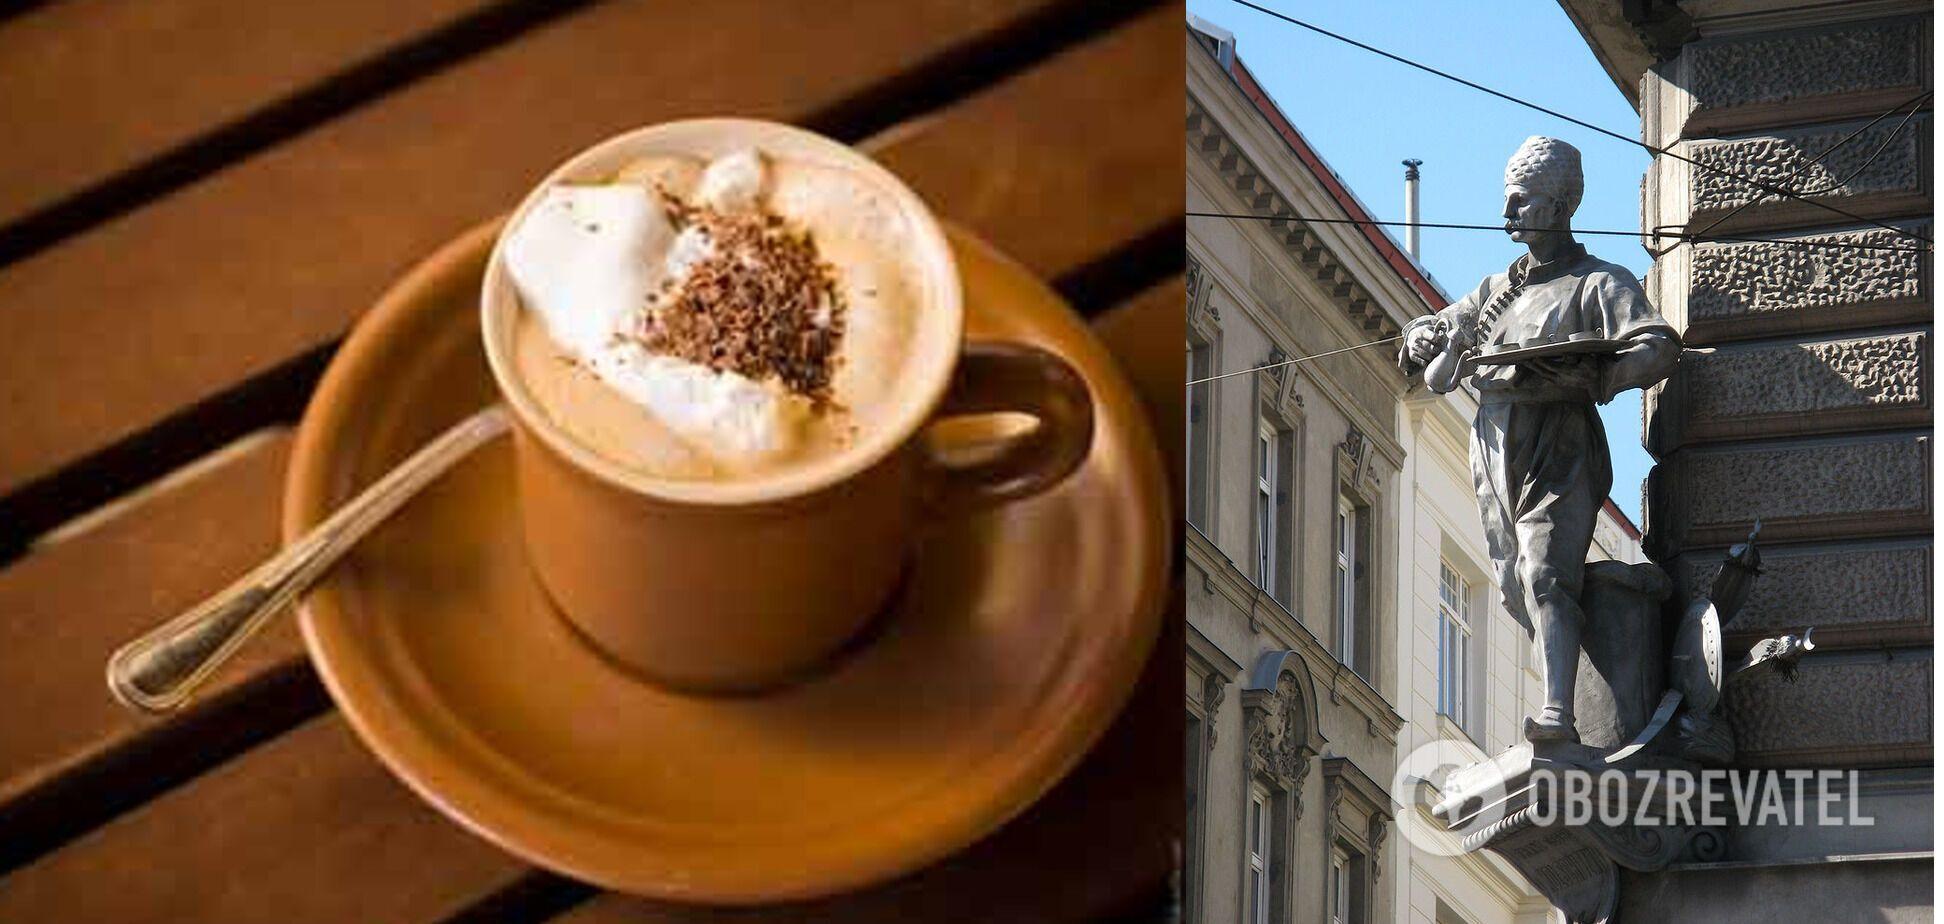 Кофе по-венски и памятник Юрию Кульчицкому, спасителю австрийской столицы.